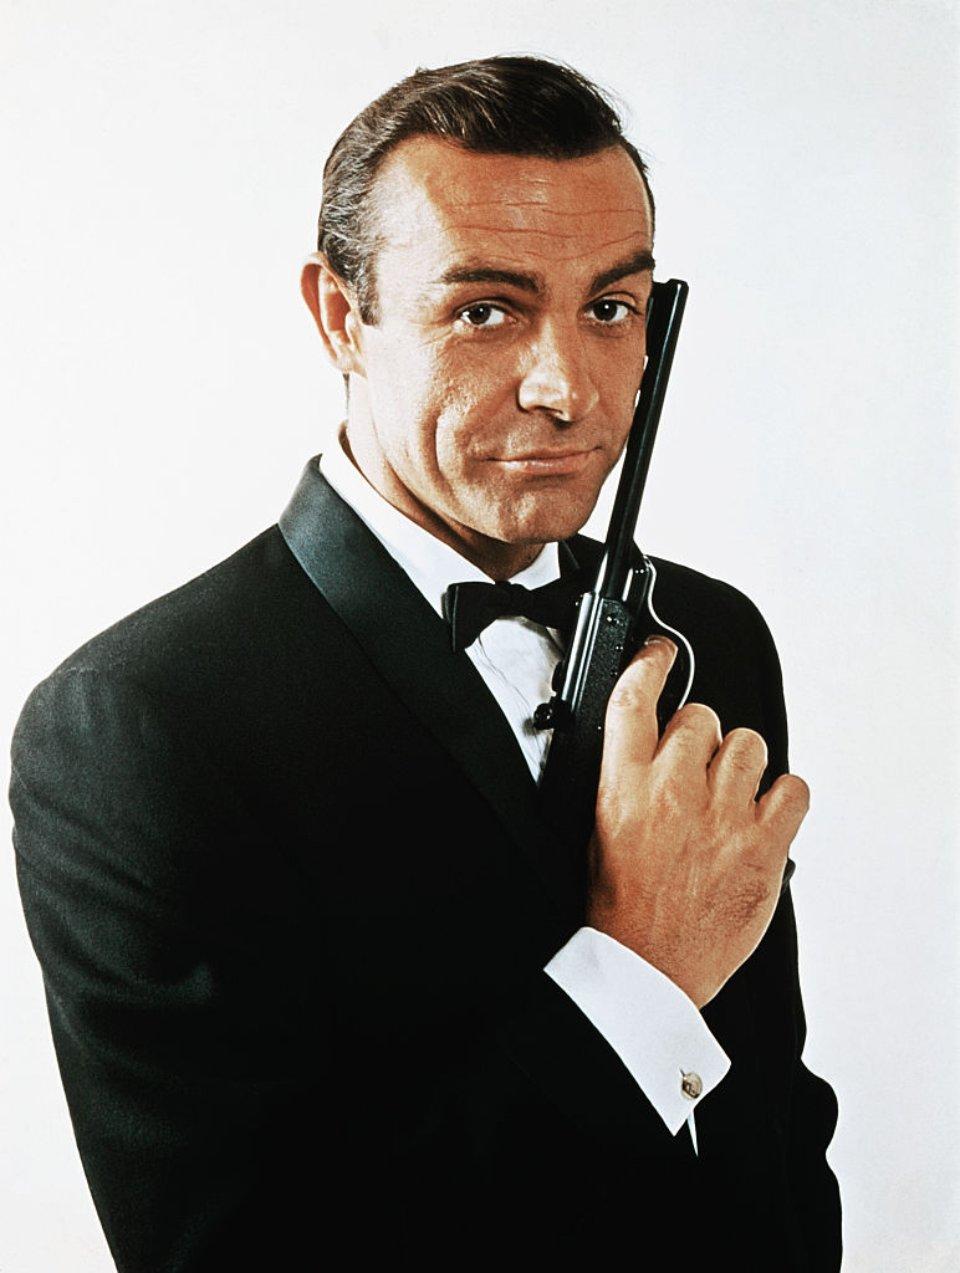 1962 році актор зіграв британського агента Джеймса Бонда у першому фільмі «бондіани» / Getty Images